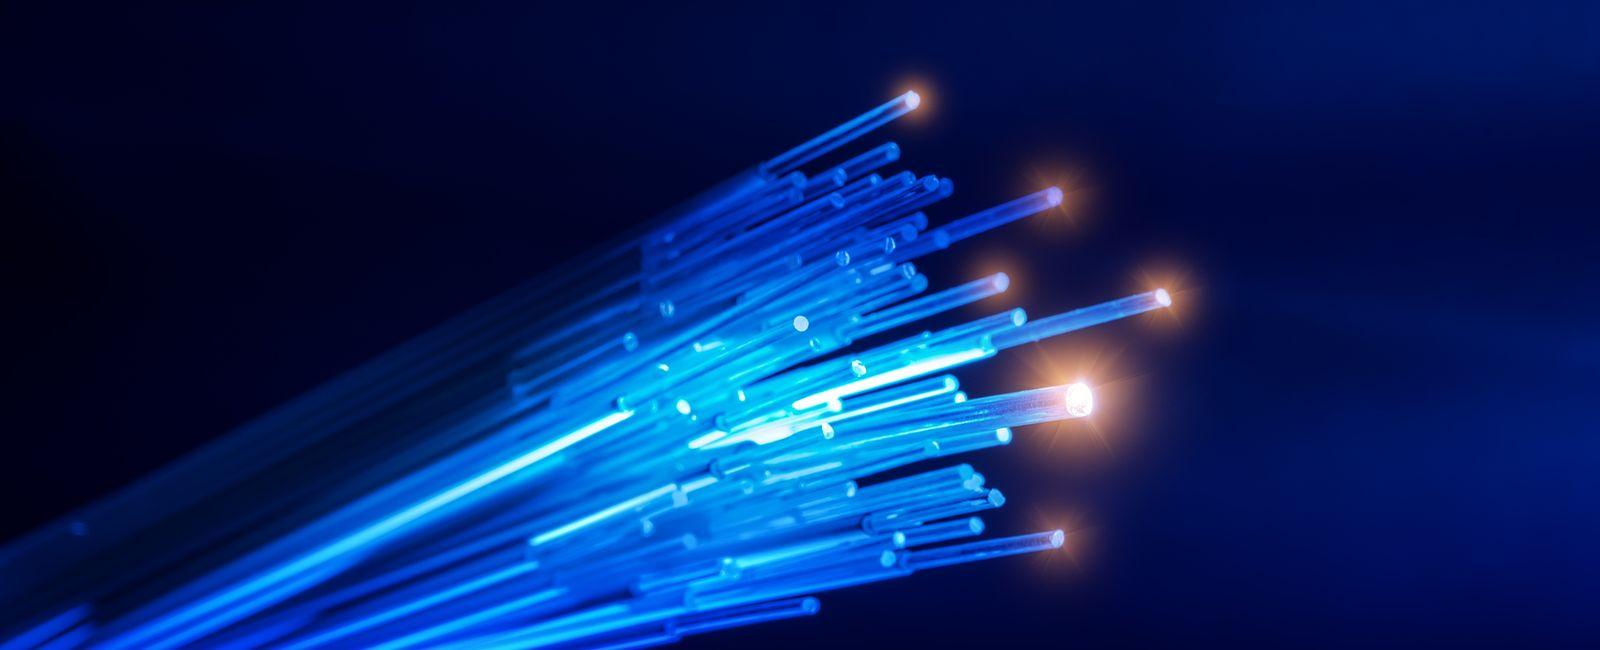 Ceará deve ter todas as cidades conectadas à fibra em 2 anos